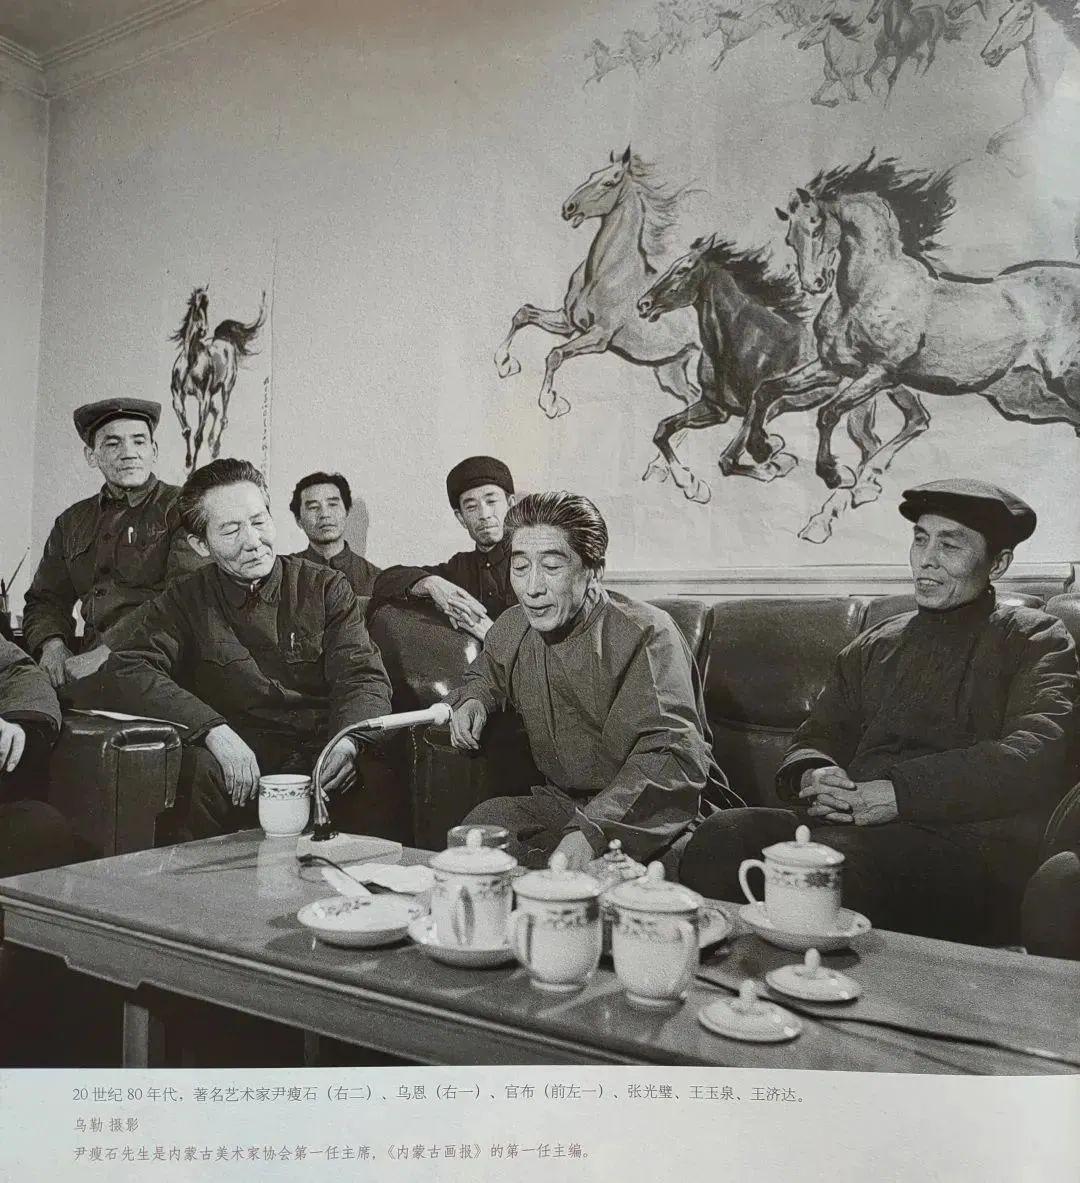 内蒙古现代美术的拓荒者乌恩 第2张